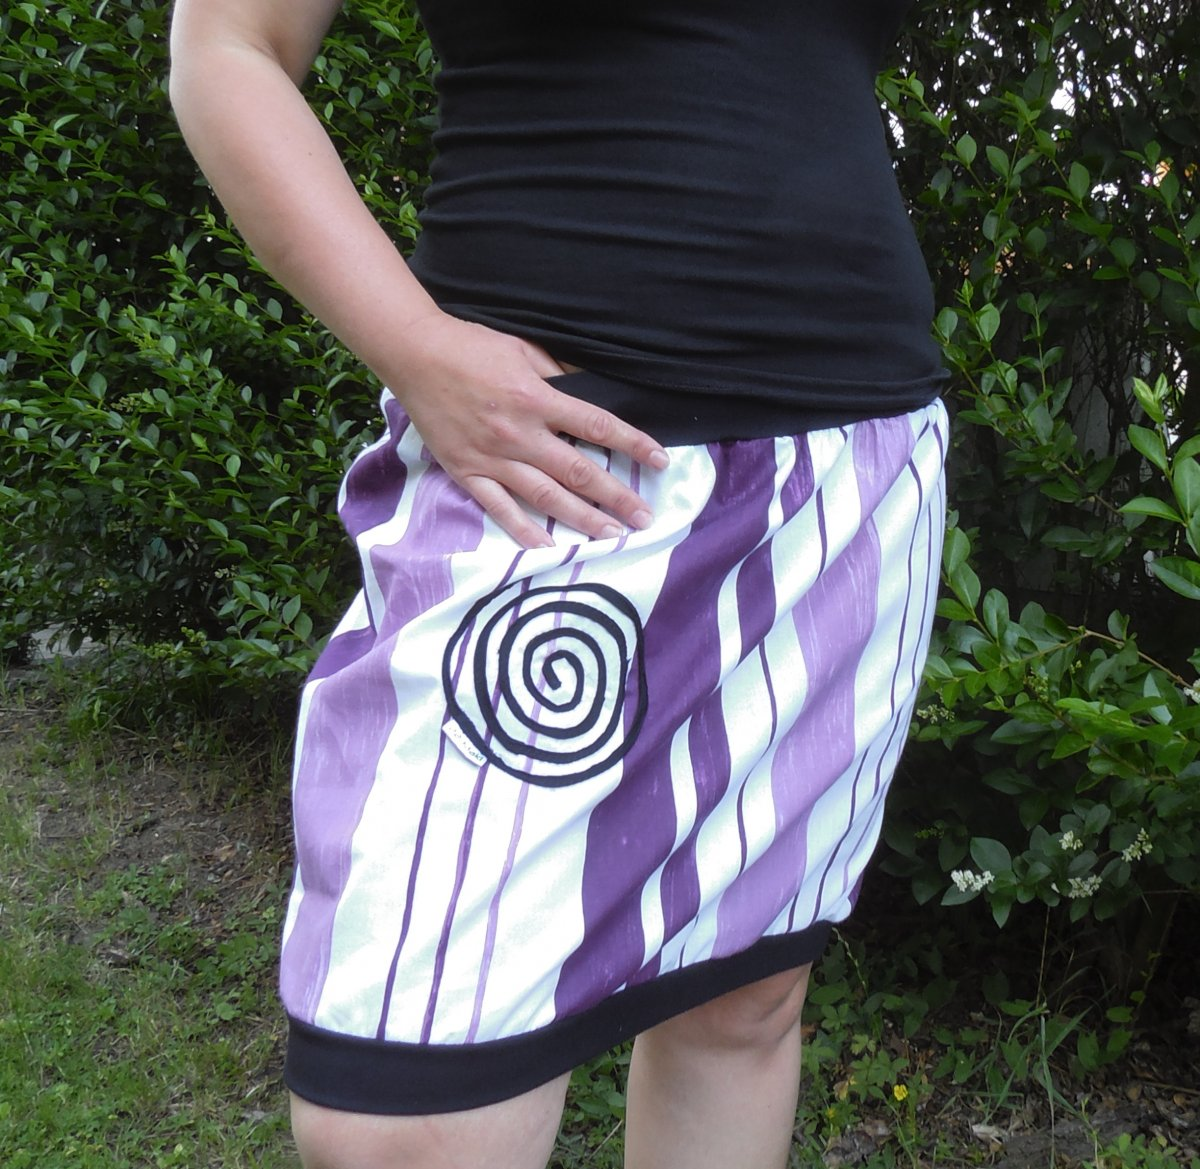 sukně balonová pruhy fialovo bílé – Potvor - pomáhat tvořit 1eb8a32cf4